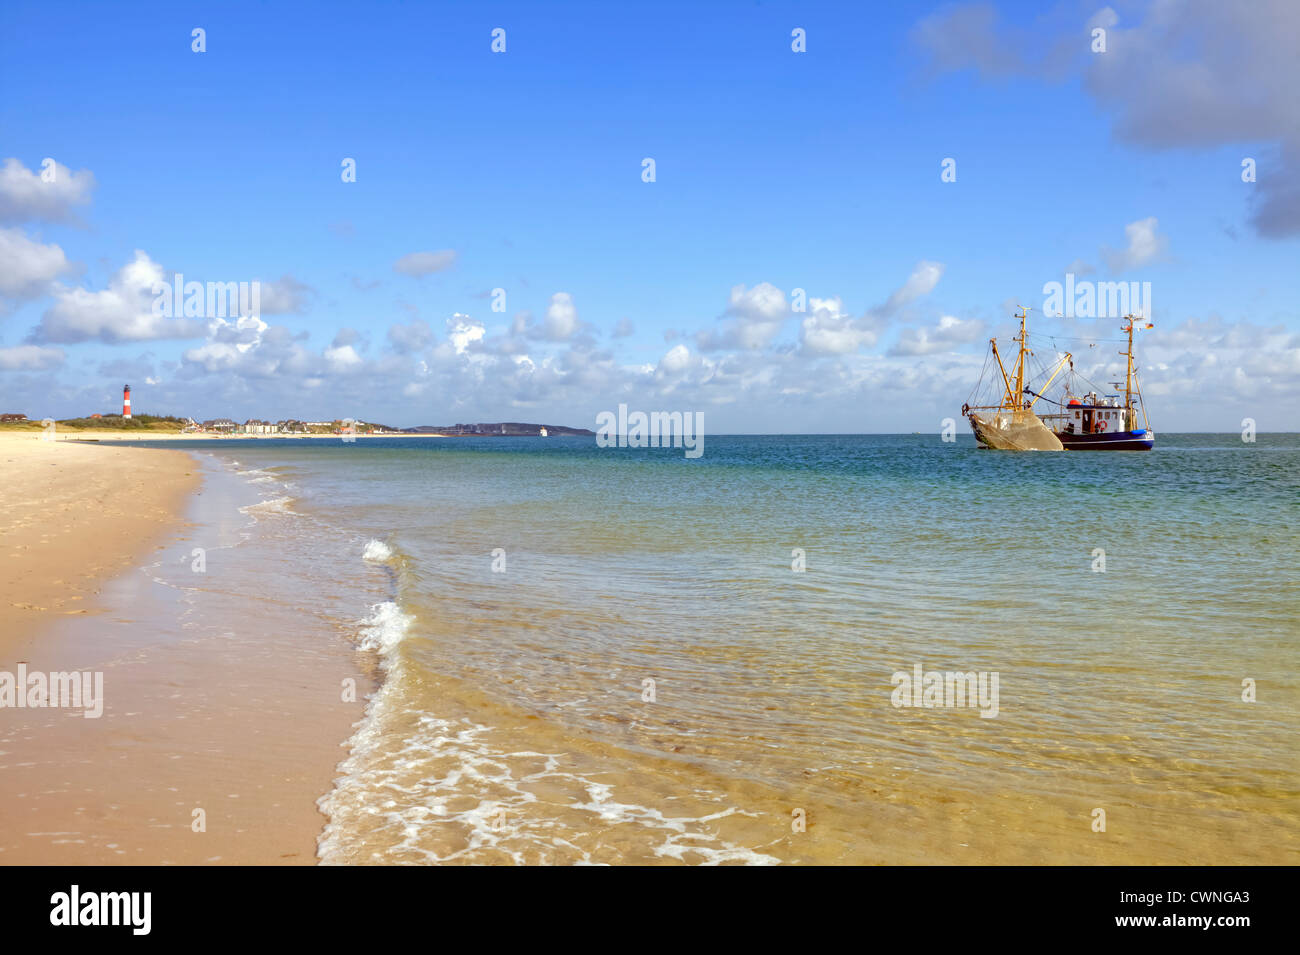 Arrastrero, Hornum, Faro, Sylt, Mar del Norte, Schleswig-Holstein, Alemania Foto de stock